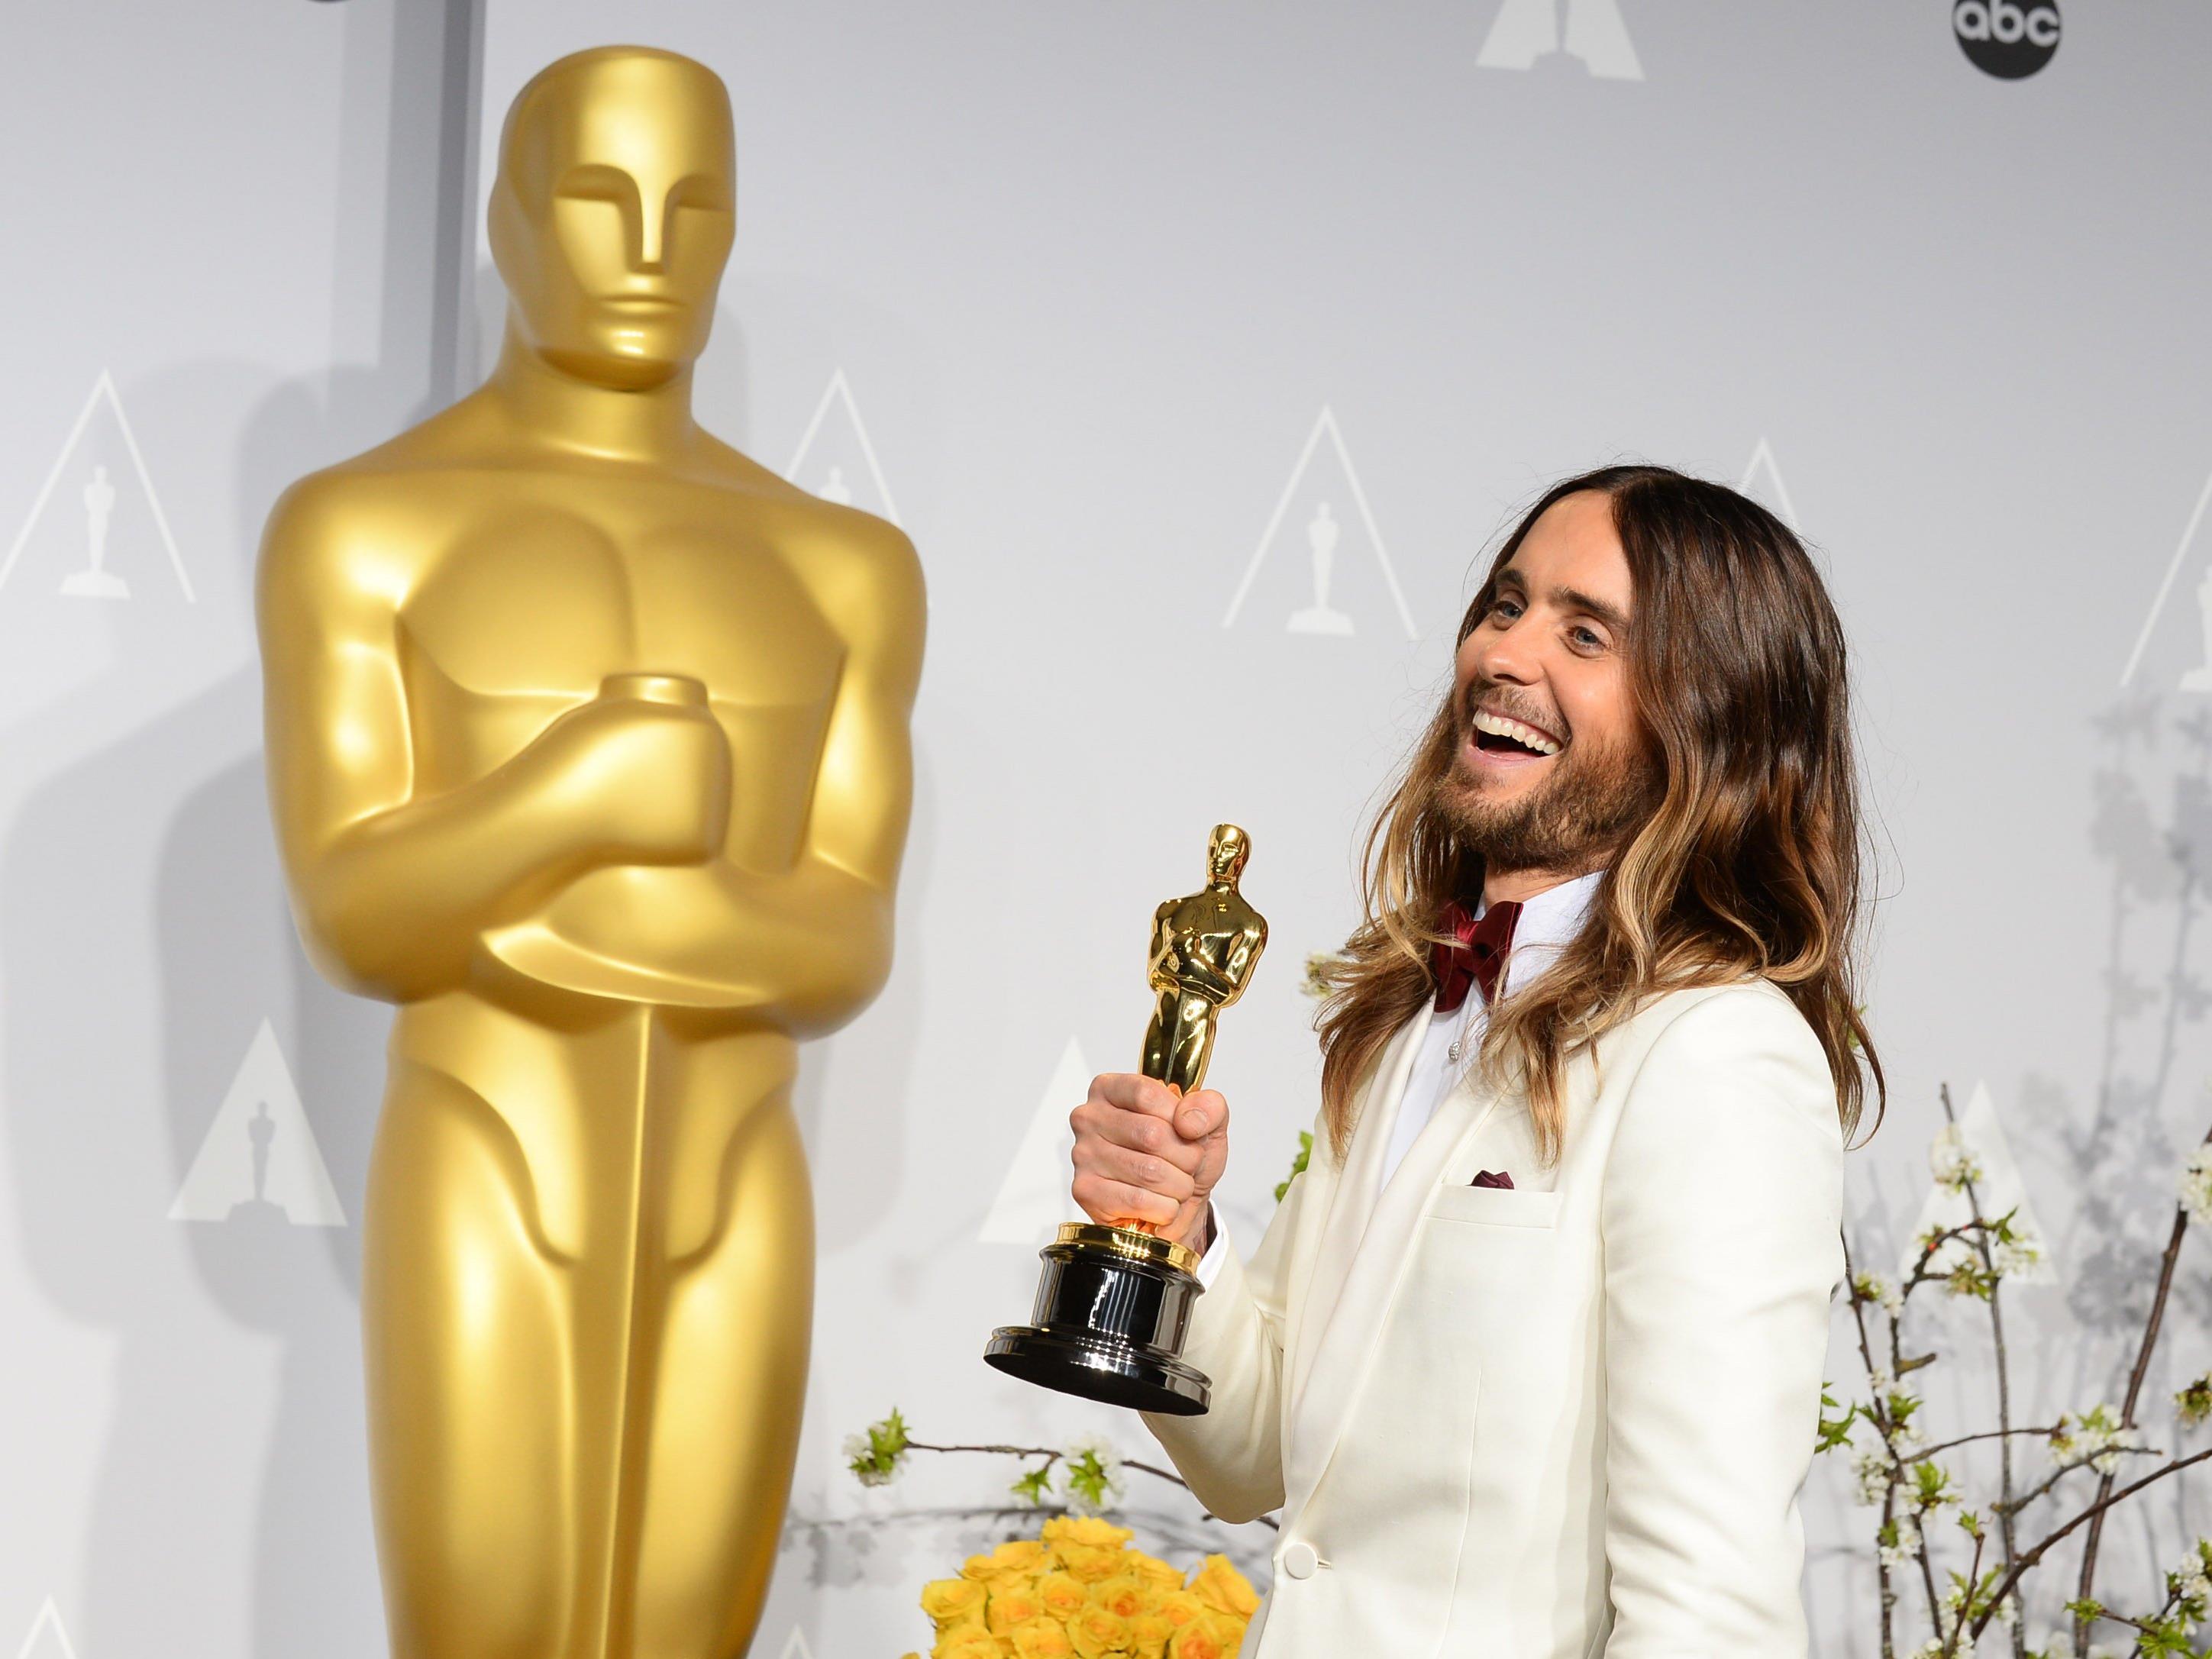 Auch Witherspoon und Leto verteilen Oscars